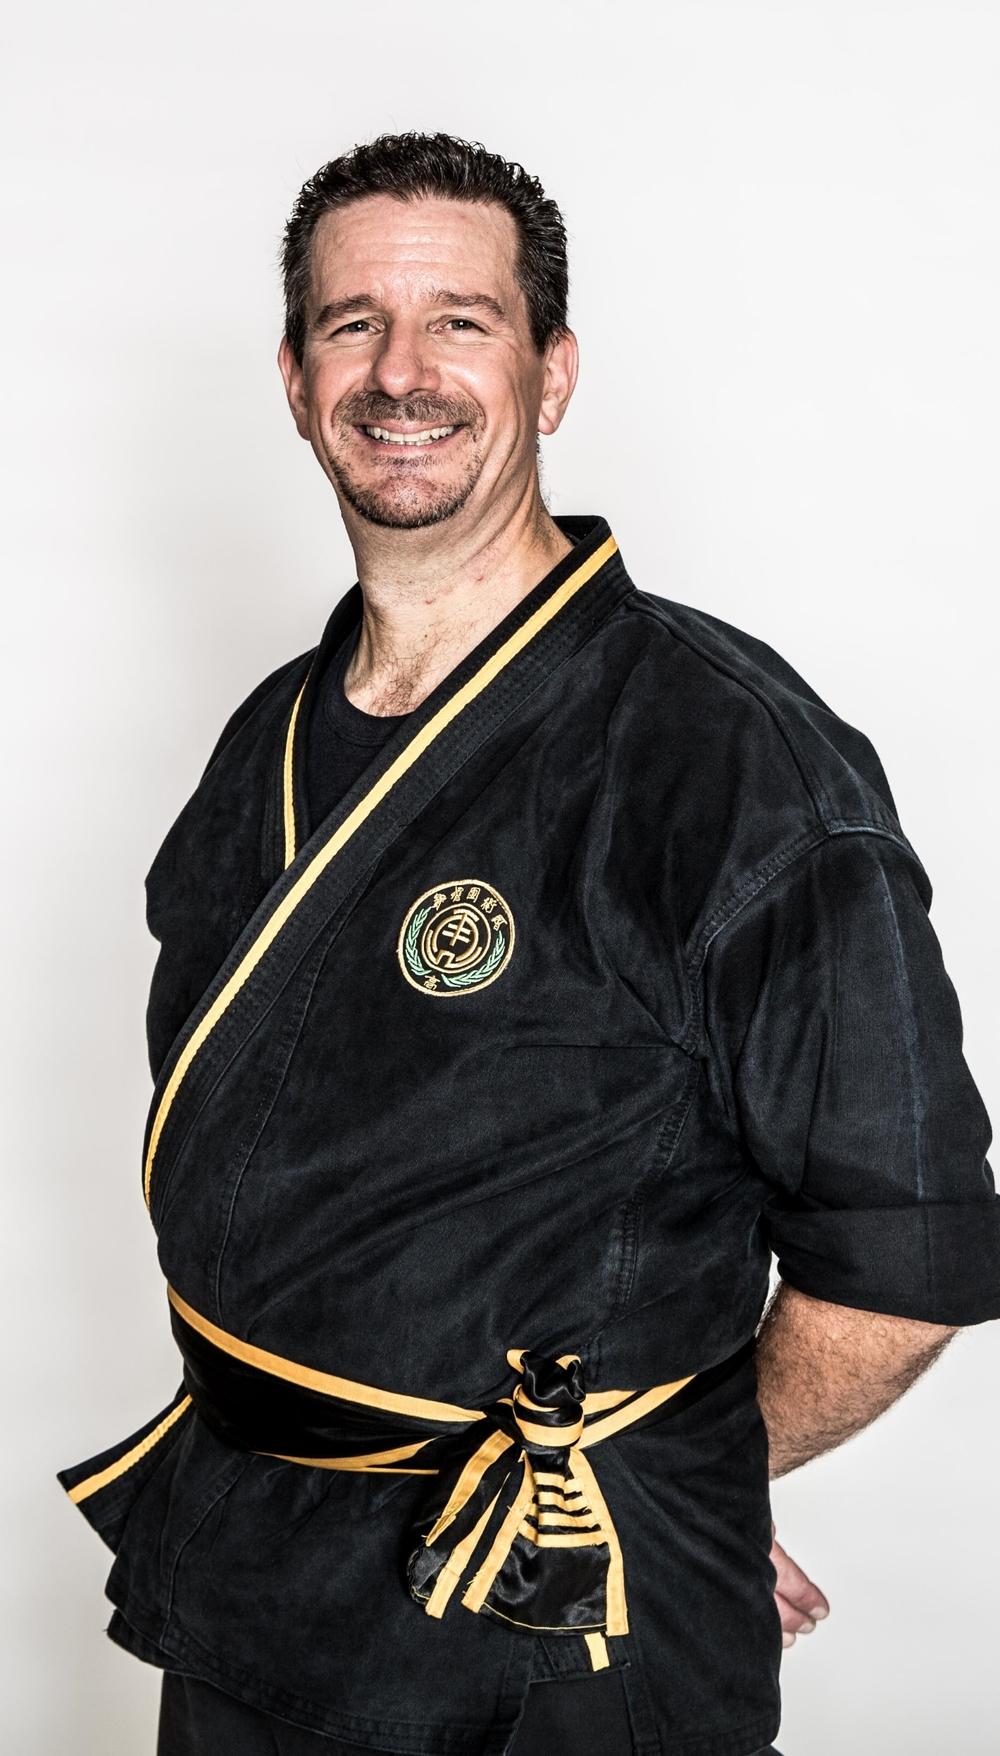 Sifu Doug MacDonald